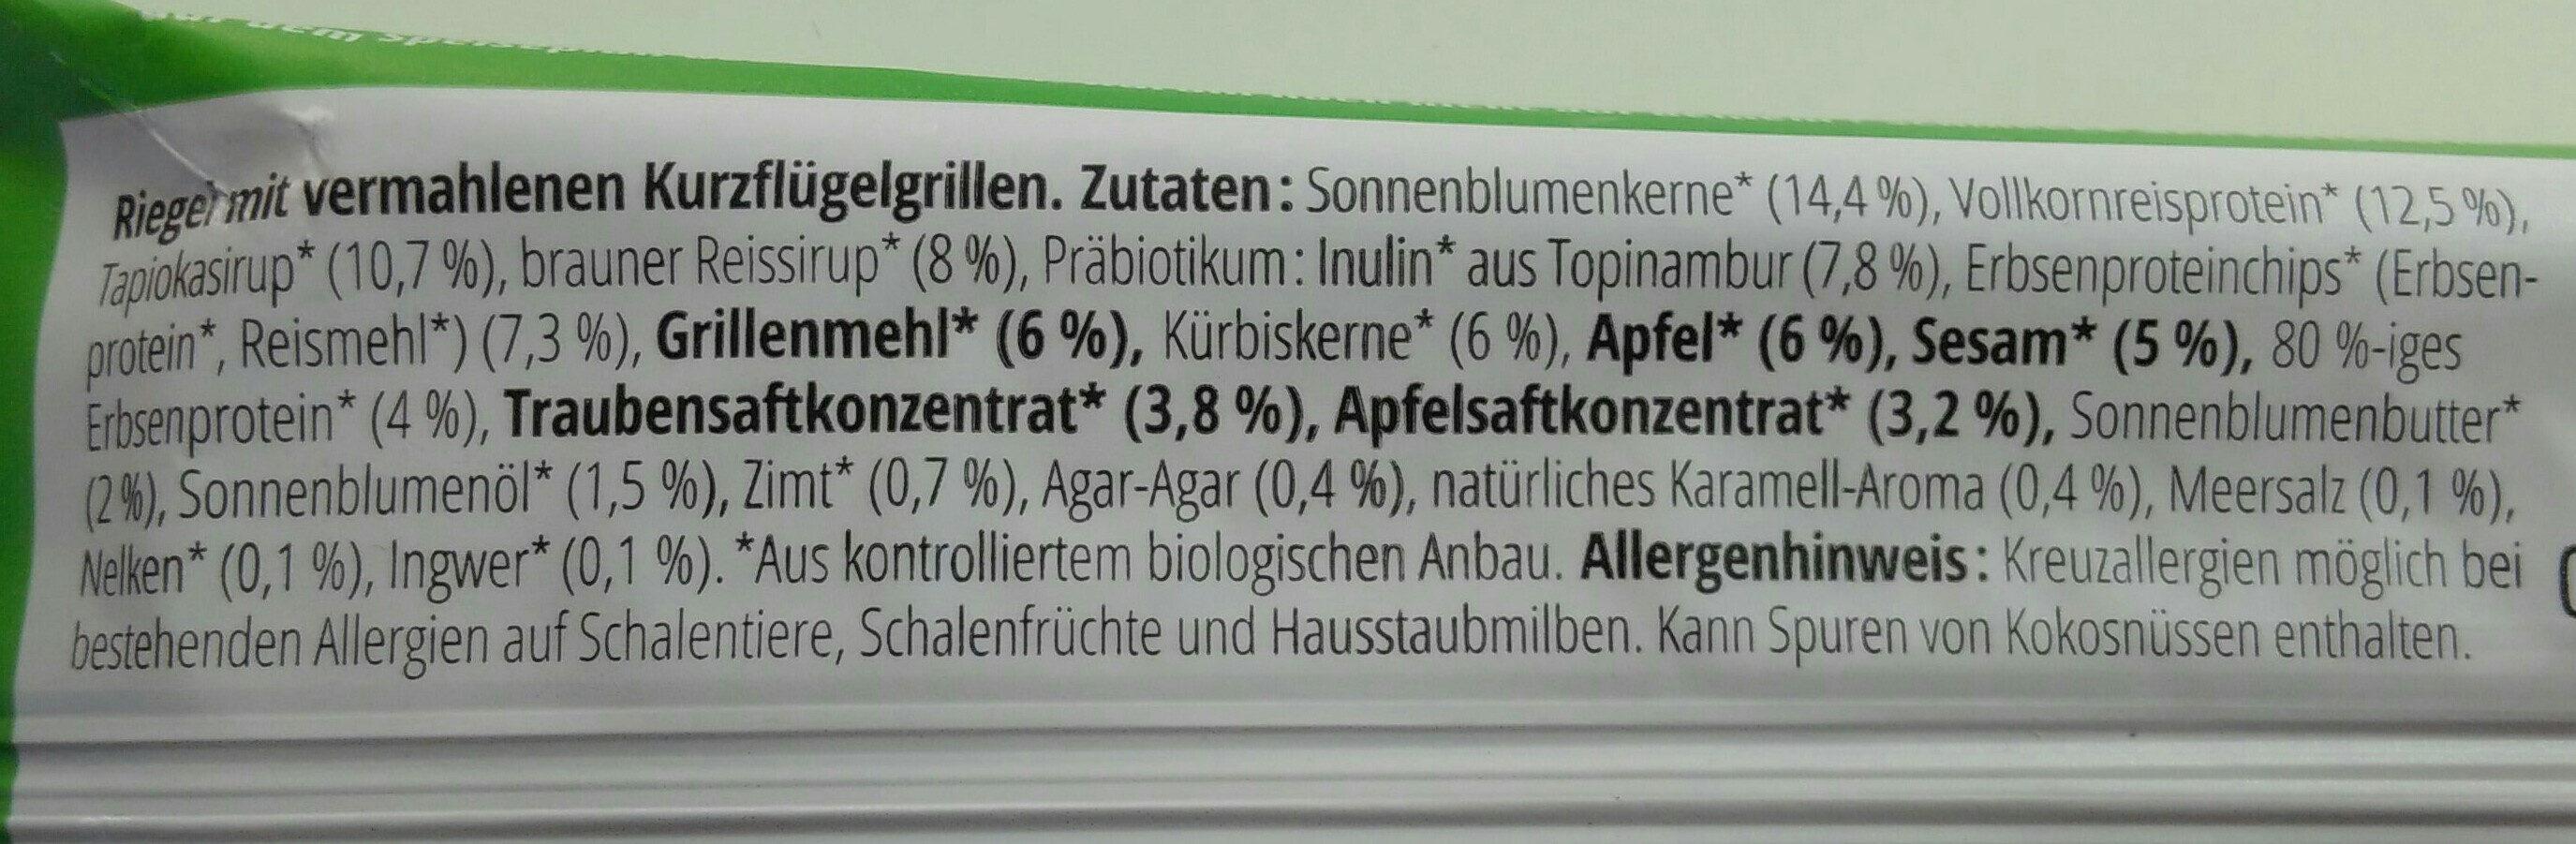 Instinct Insektensnack Apfel und Zimt - Ingrediënten - de